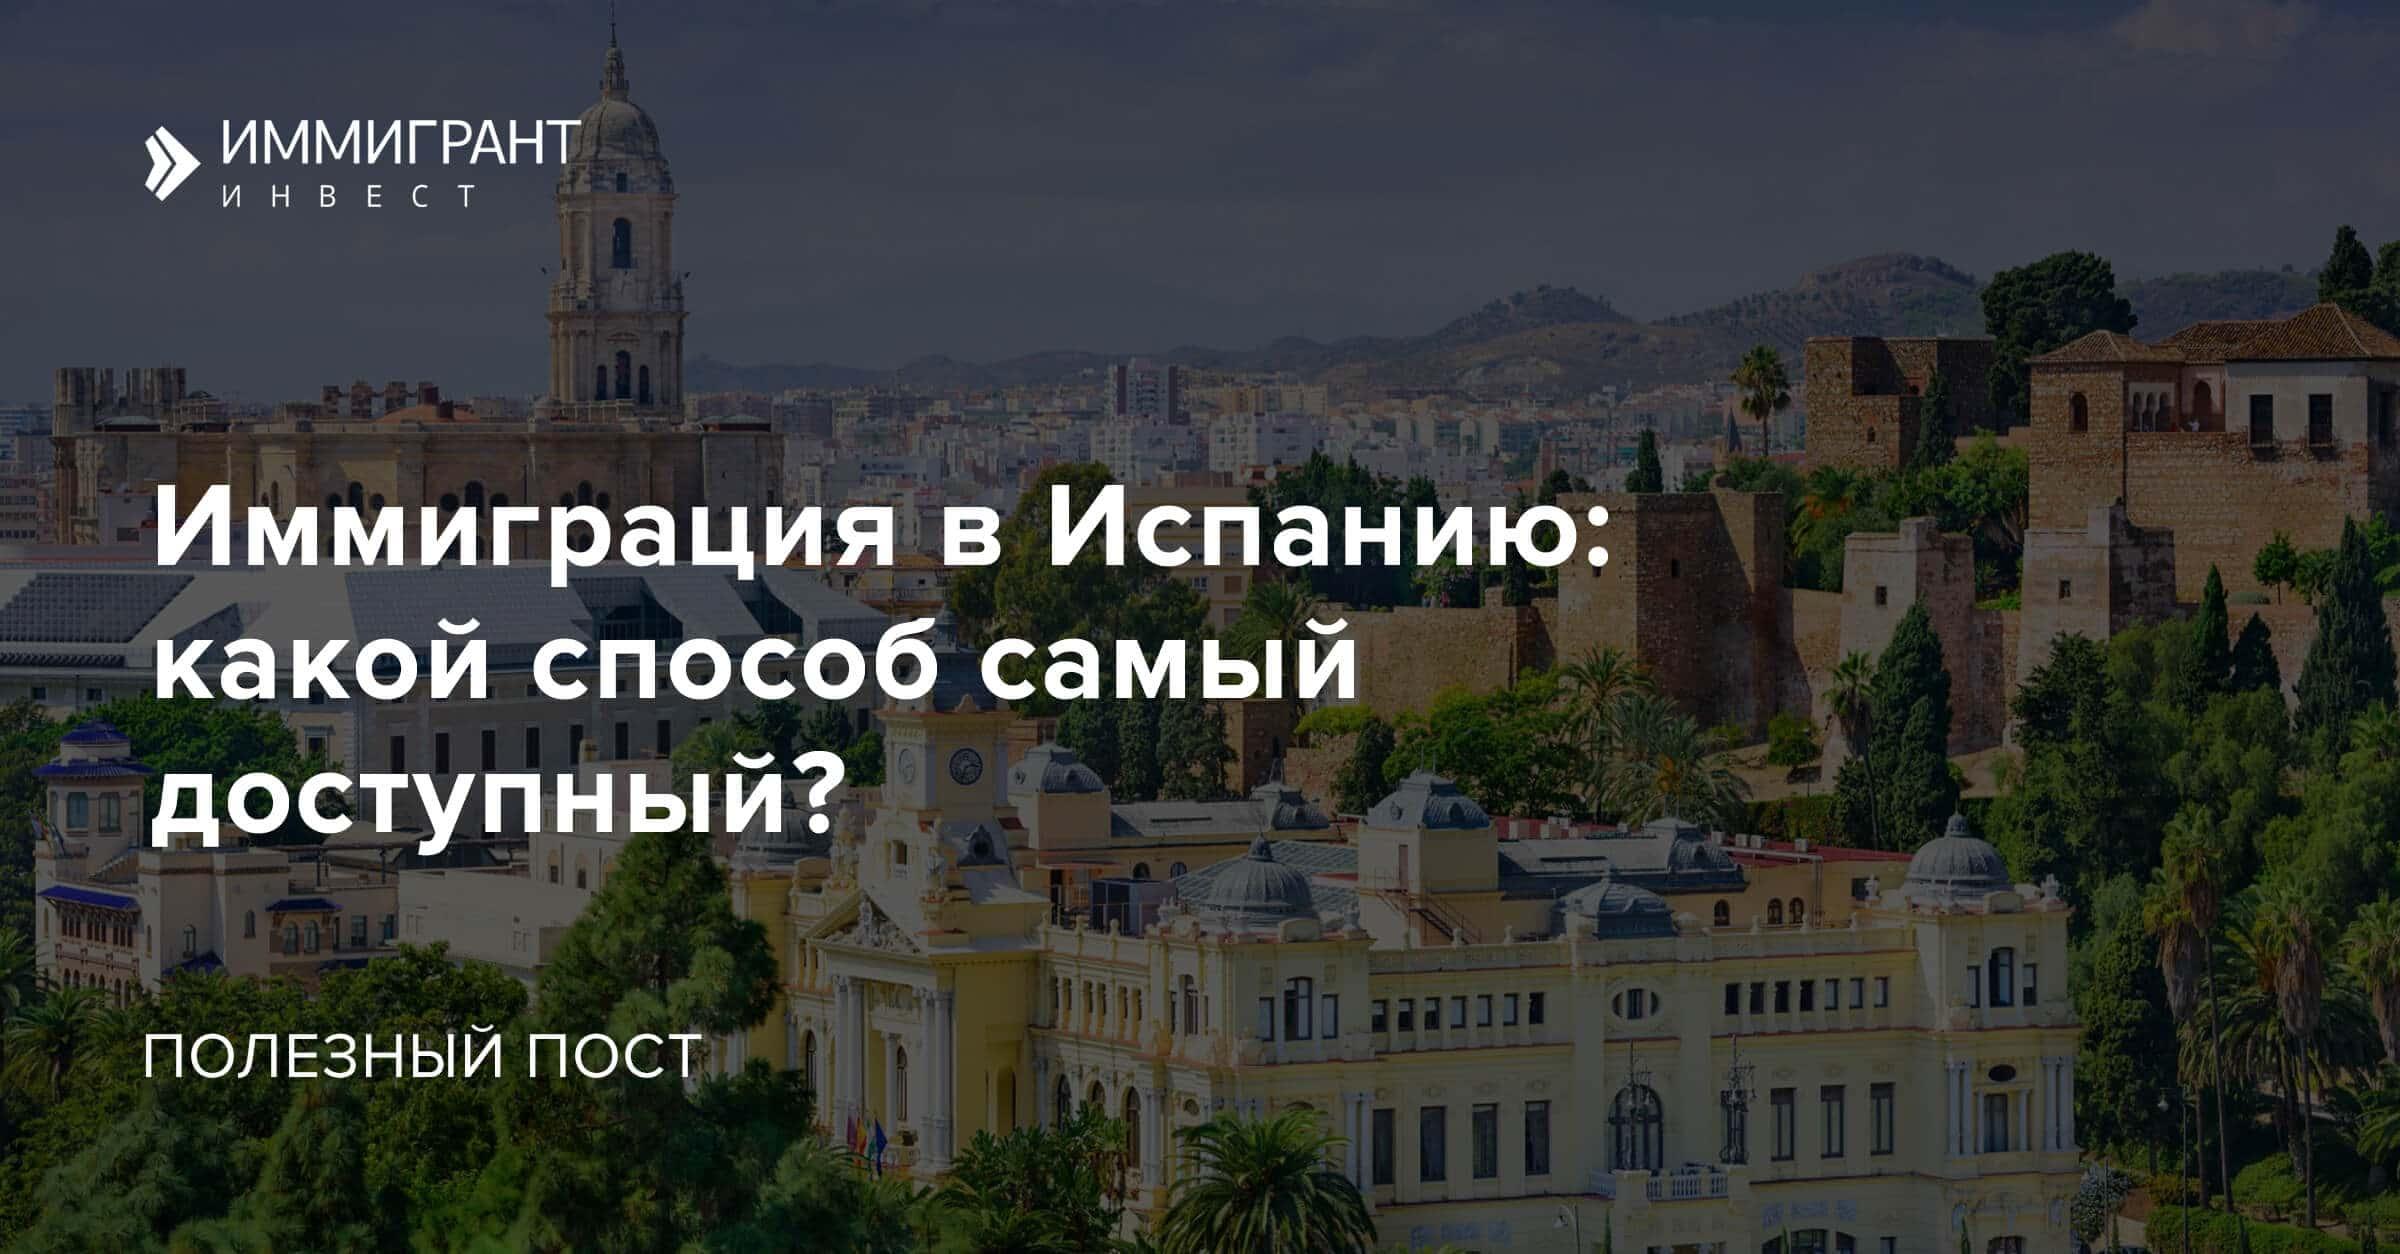 Как добраться из рима в барселону: самолет, автобус, поезд, машина. расстояние, цены на билеты и расписание 2021 на туристер.ру